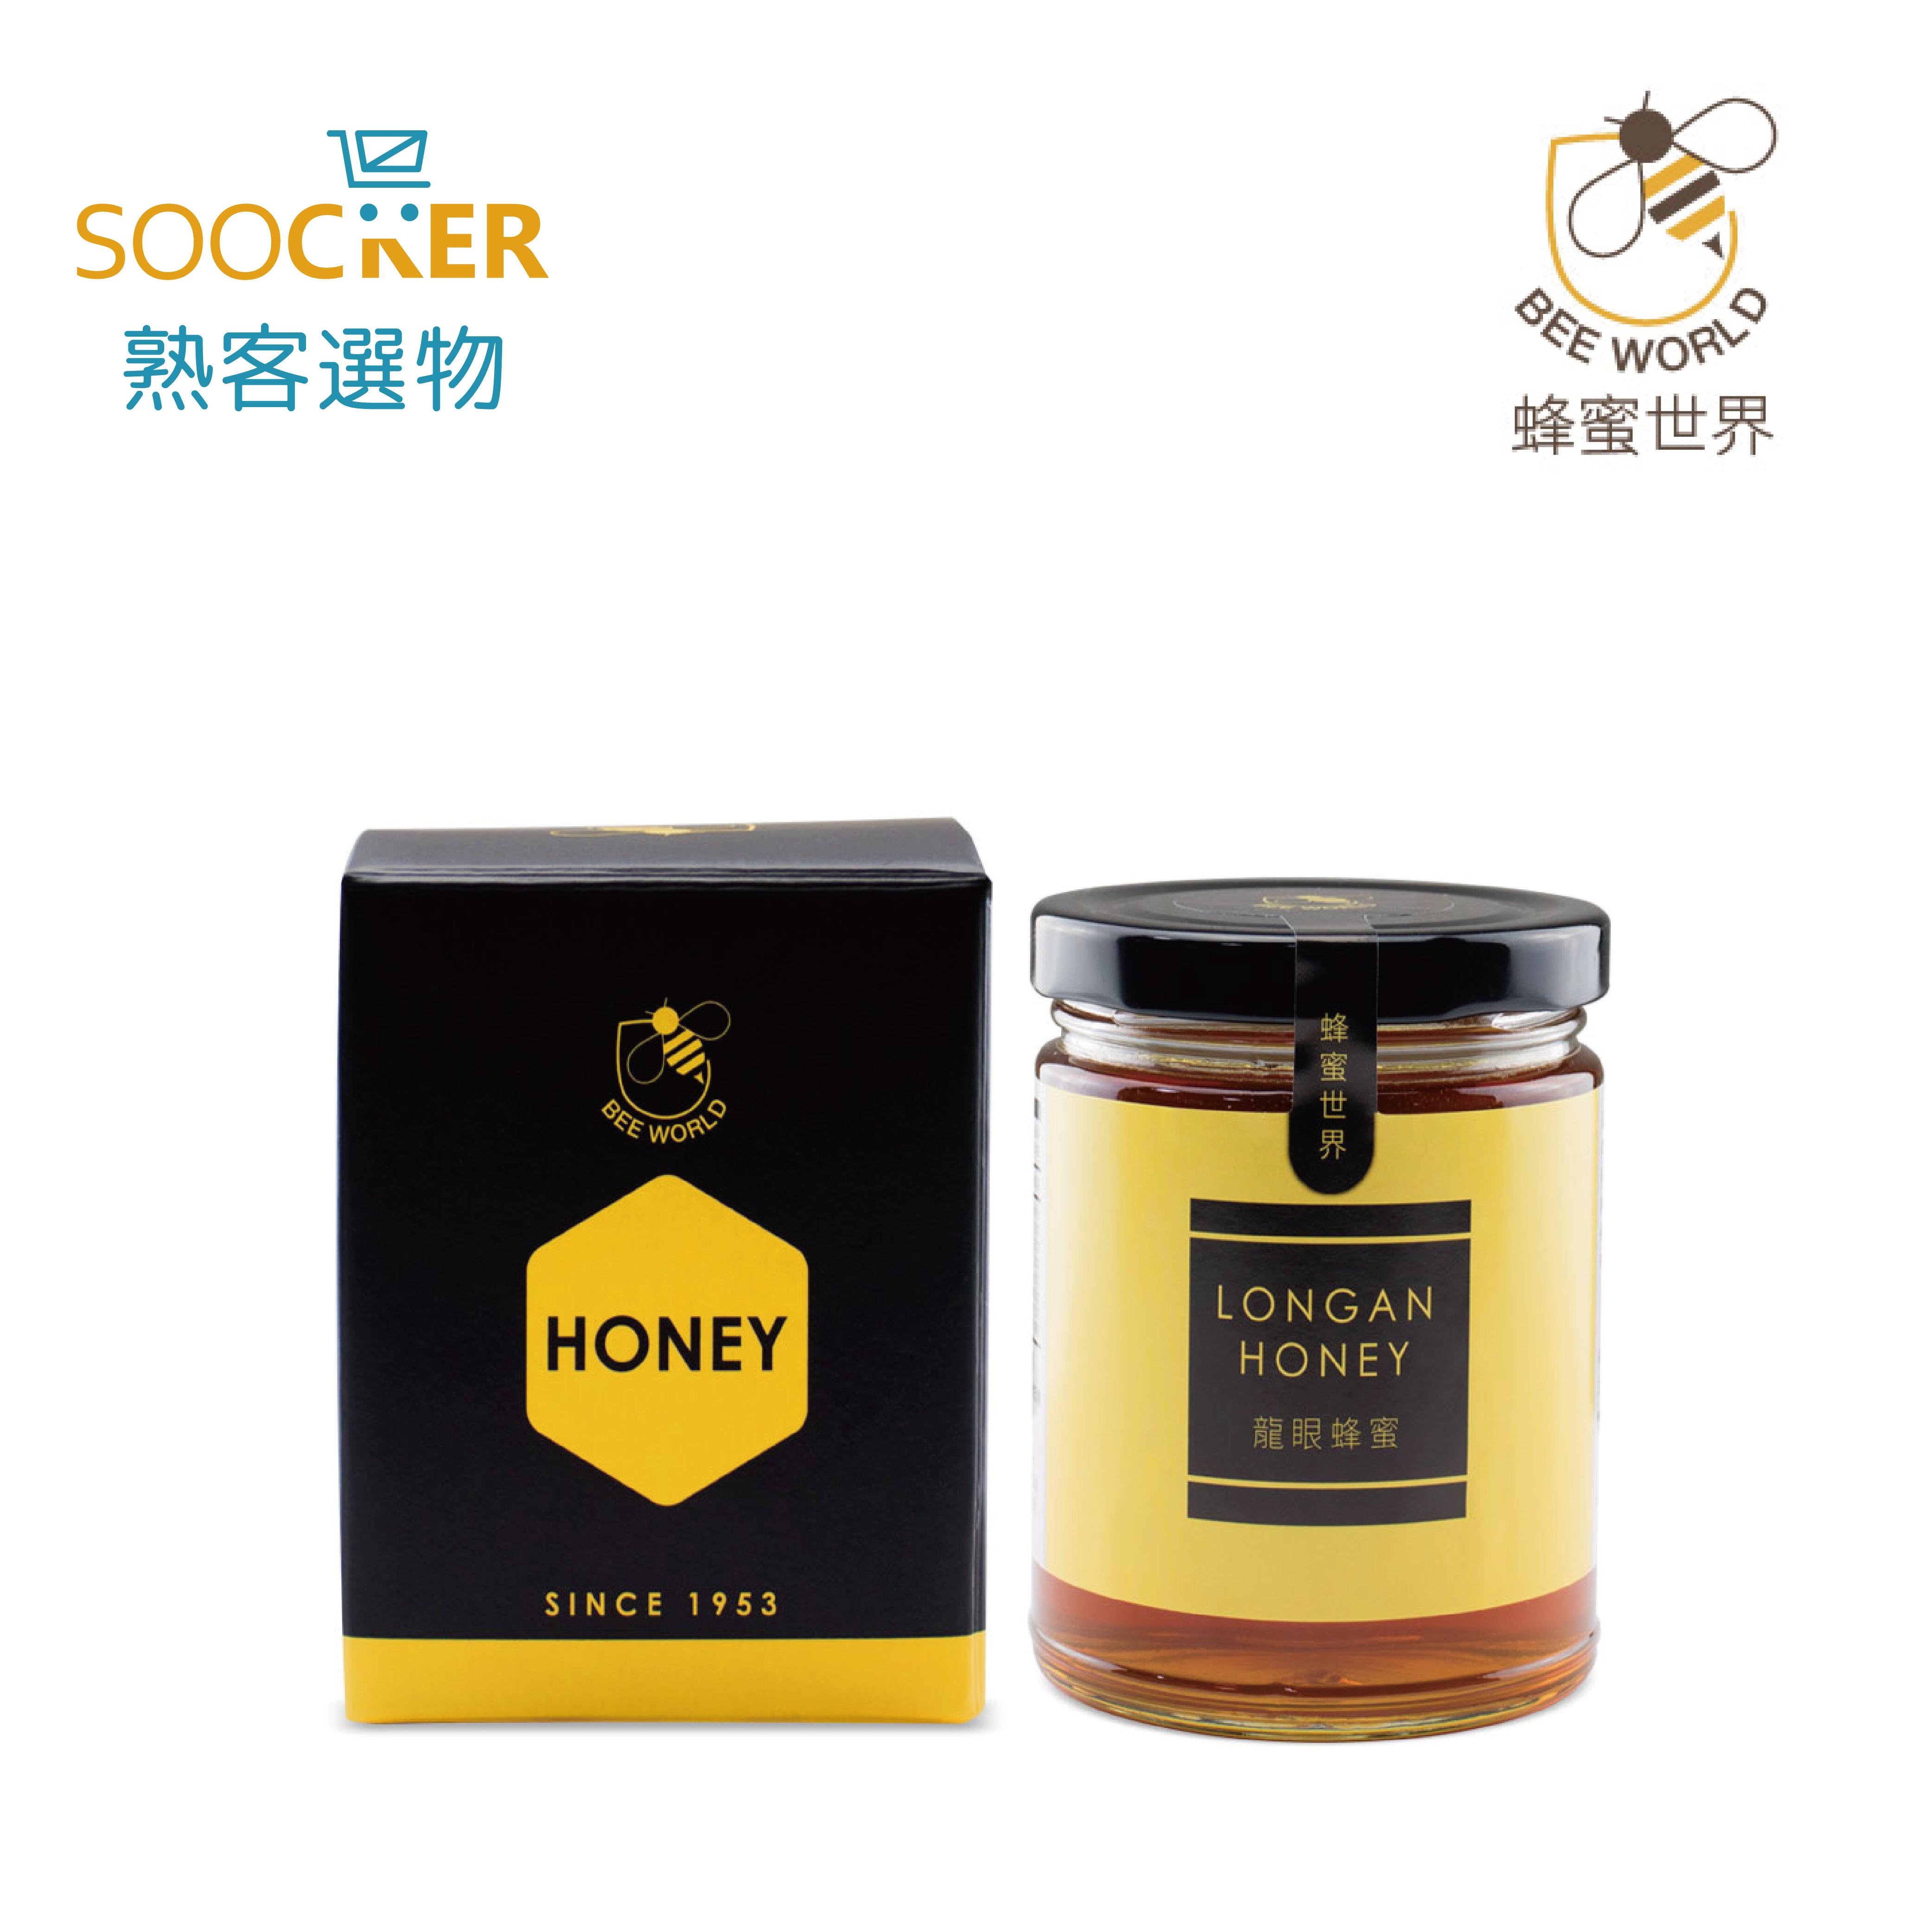 蜂蜜世界-台灣龍眼蜂蜜(310g)